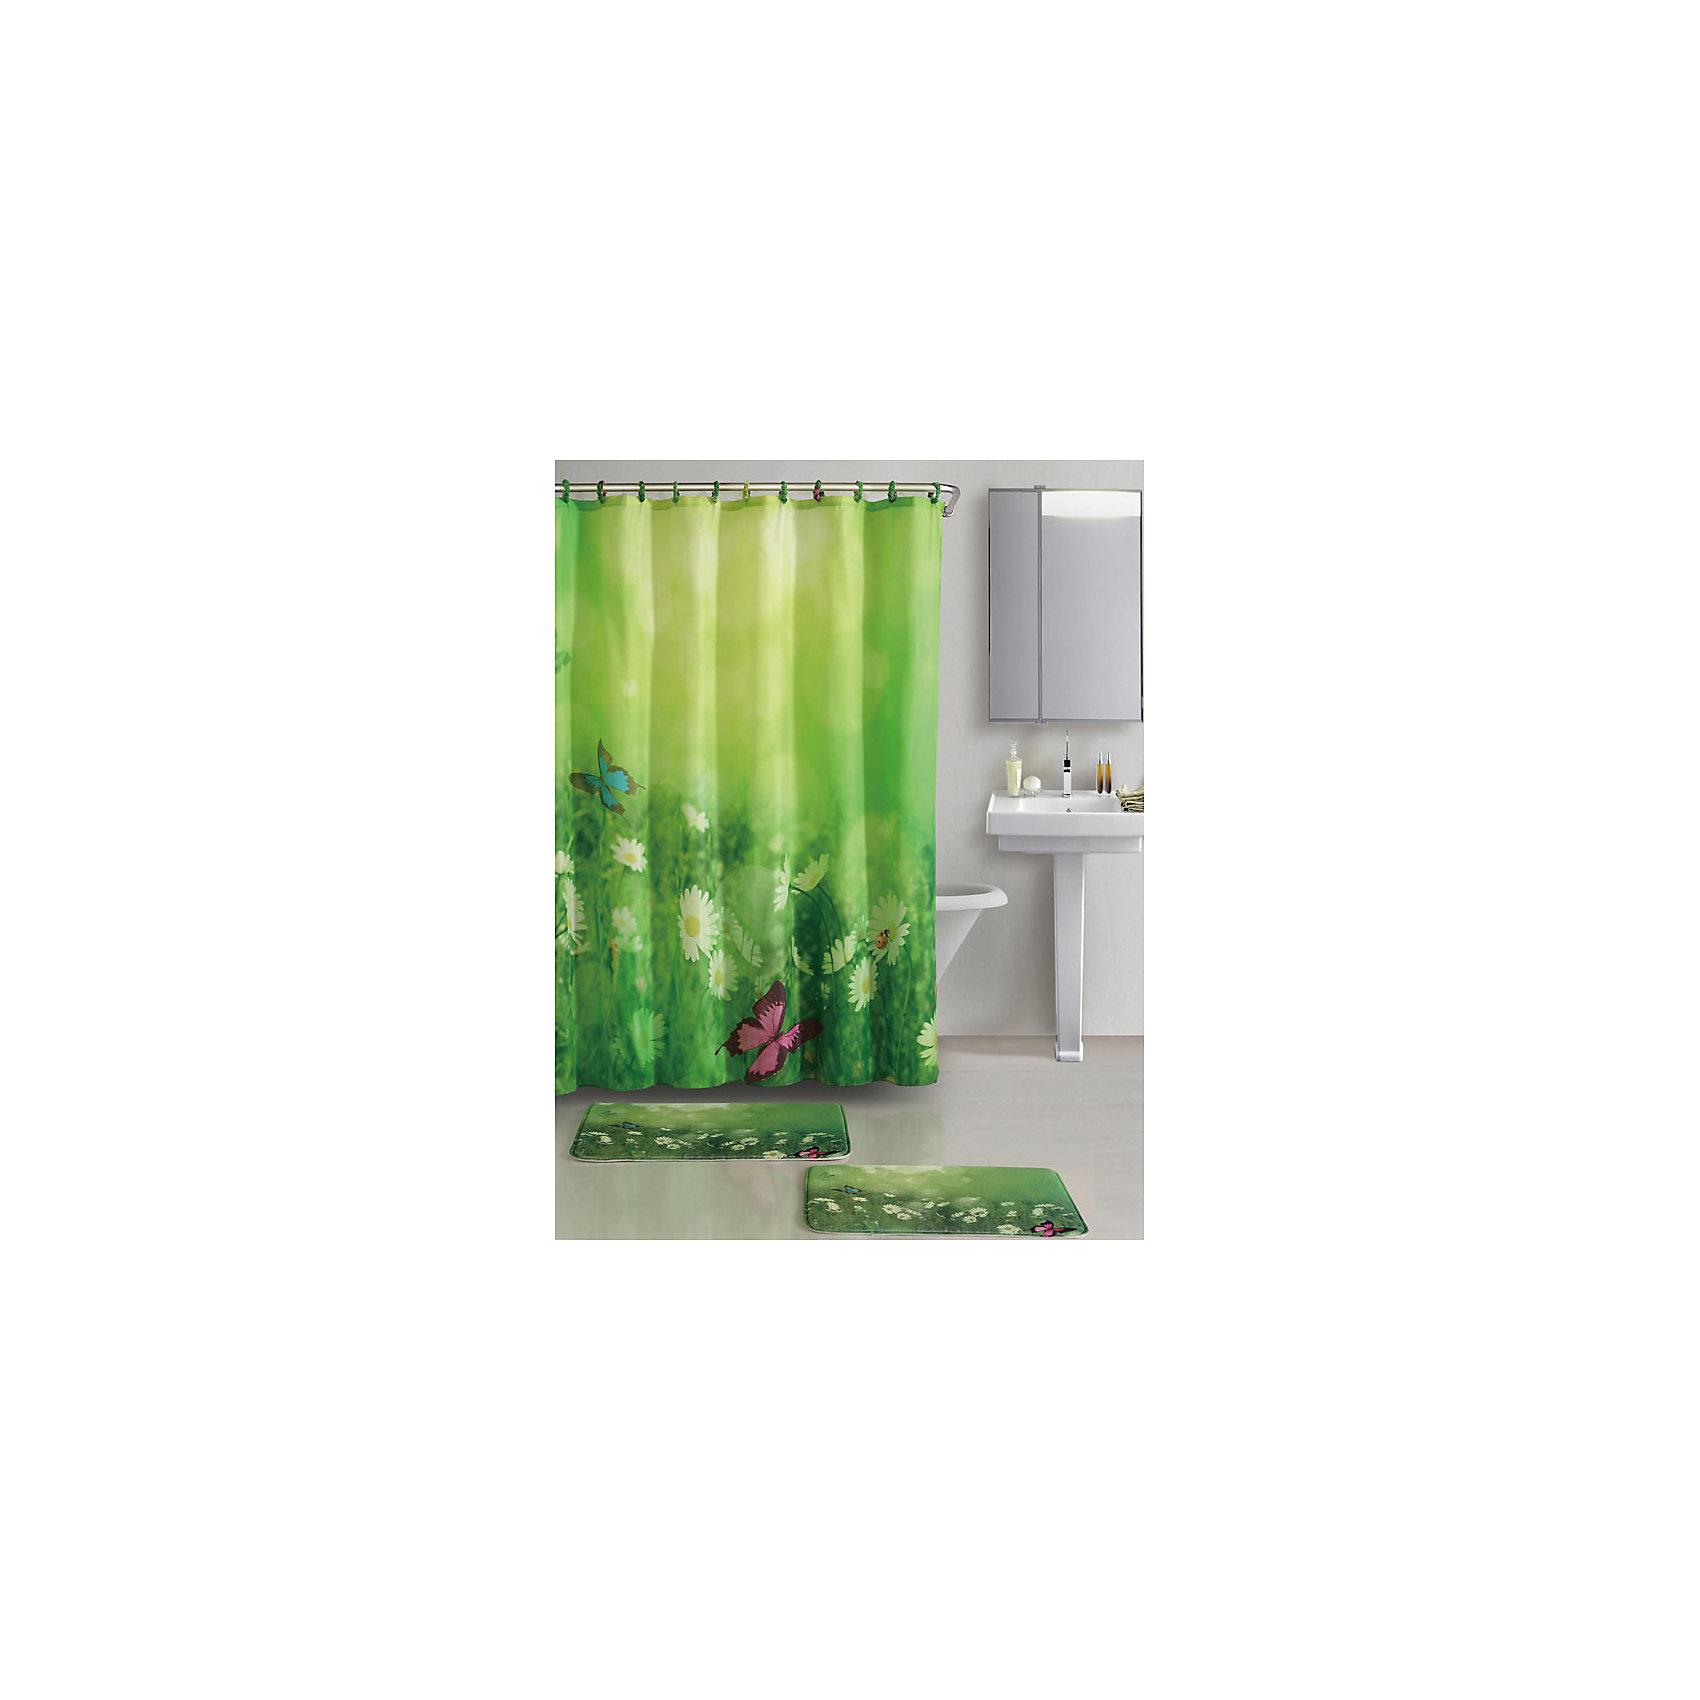 Набор из 3-х предметов для ванной комнаты Лето SET3- LETO, Рыжий КотВанная комната<br>Летние мотивы и солнечное настроение создают аксессуары для ванной комнаты «Лето». Цветочная композиция ромашкового поля повторяется на занавеске и двух ковриках разного размера. Крючки декорированы тканью, для подвешивания занавески используется 12 крючков (есть в комплекте).<br><br>Дополнительная информация:<br><br>Размер занавески: 180х180 см<br>Размер ковриков: 42,5х60 см и 45х70 см<br><br>Материал: <br>Занавеска: 100% полиэстер, 50г/м2<br>Коврики: микрофибра (100% полиэстер), подложка - ПВХ, толщина 1см<br><br>Набор из 3-х предметов для ванной комнаты Лето SET3- LETO, Рыжий Кот можно купить в нашем интернет-магазине.<br><br>Ширина мм: 700<br>Глубина мм: 448<br>Высота мм: 12<br>Вес г: 958<br>Возраст от месяцев: 36<br>Возраст до месяцев: 1080<br>Пол: Унисекс<br>Возраст: Детский<br>SKU: 4989824